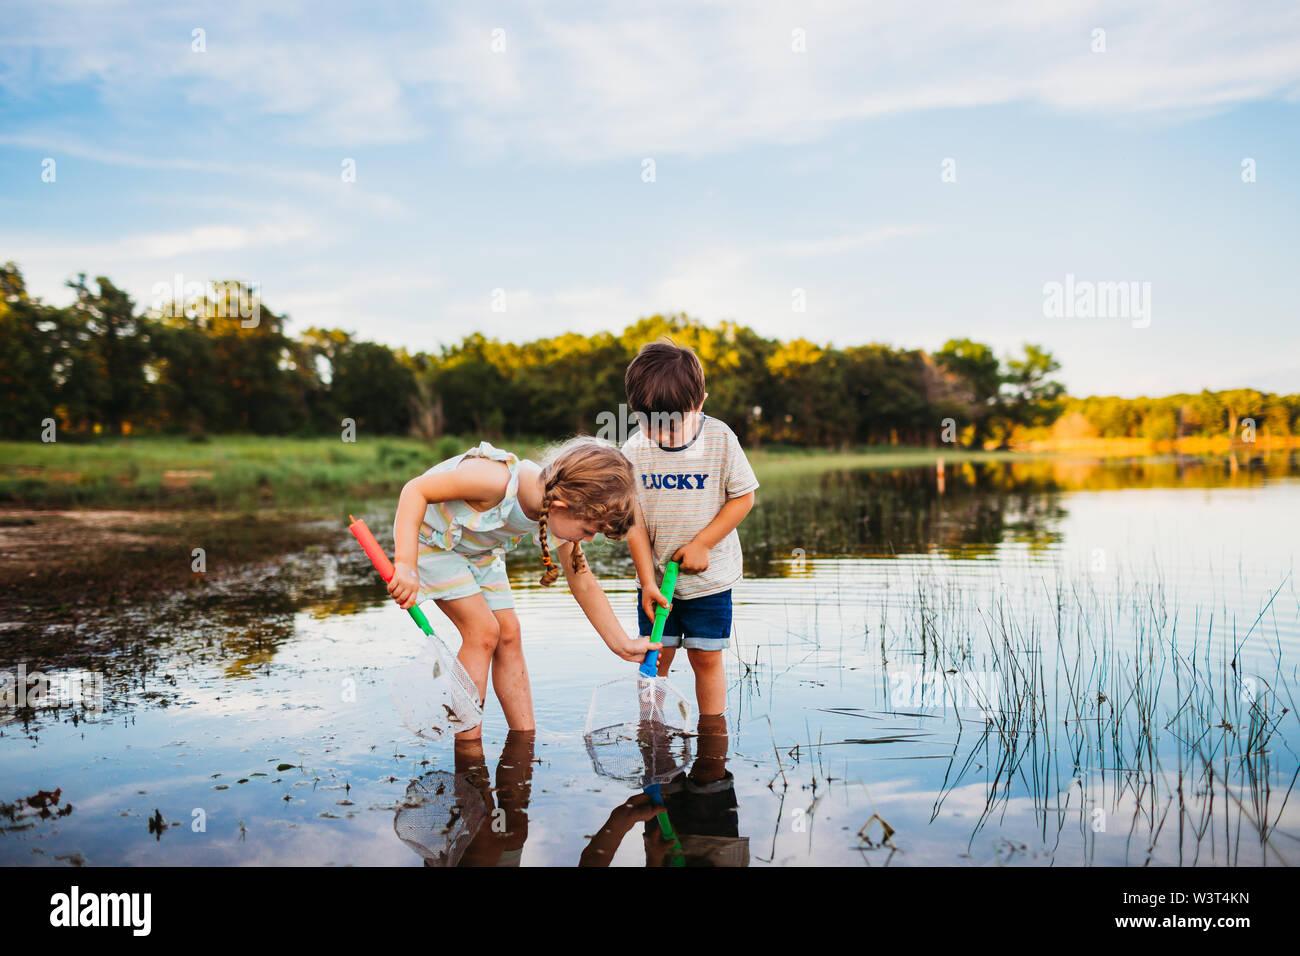 Niña ayudando a boy atrapar un pez en su red en el lago Foto de stock